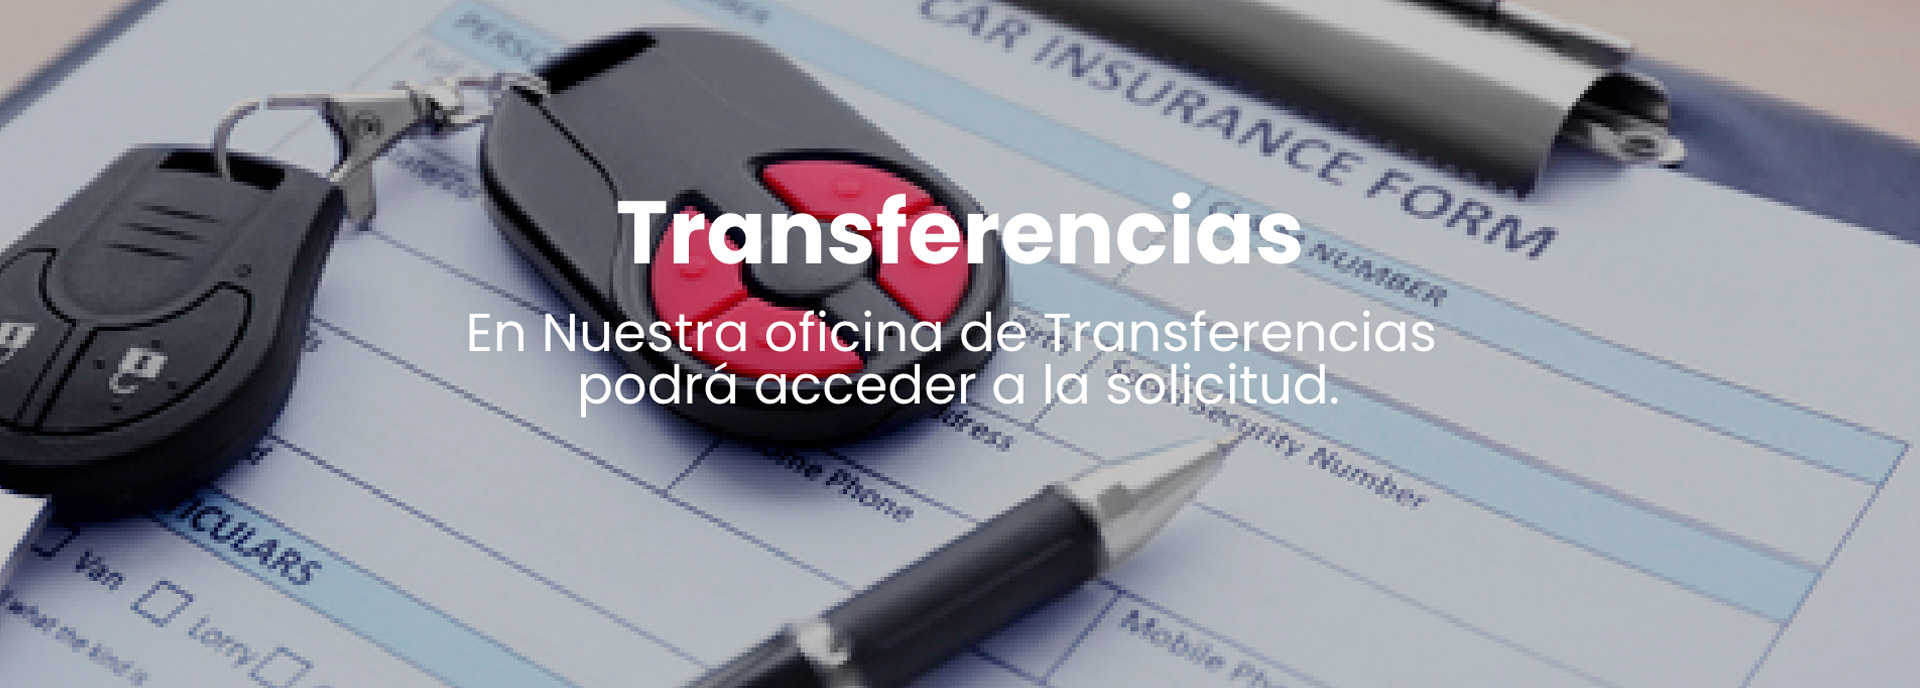 Transferencia